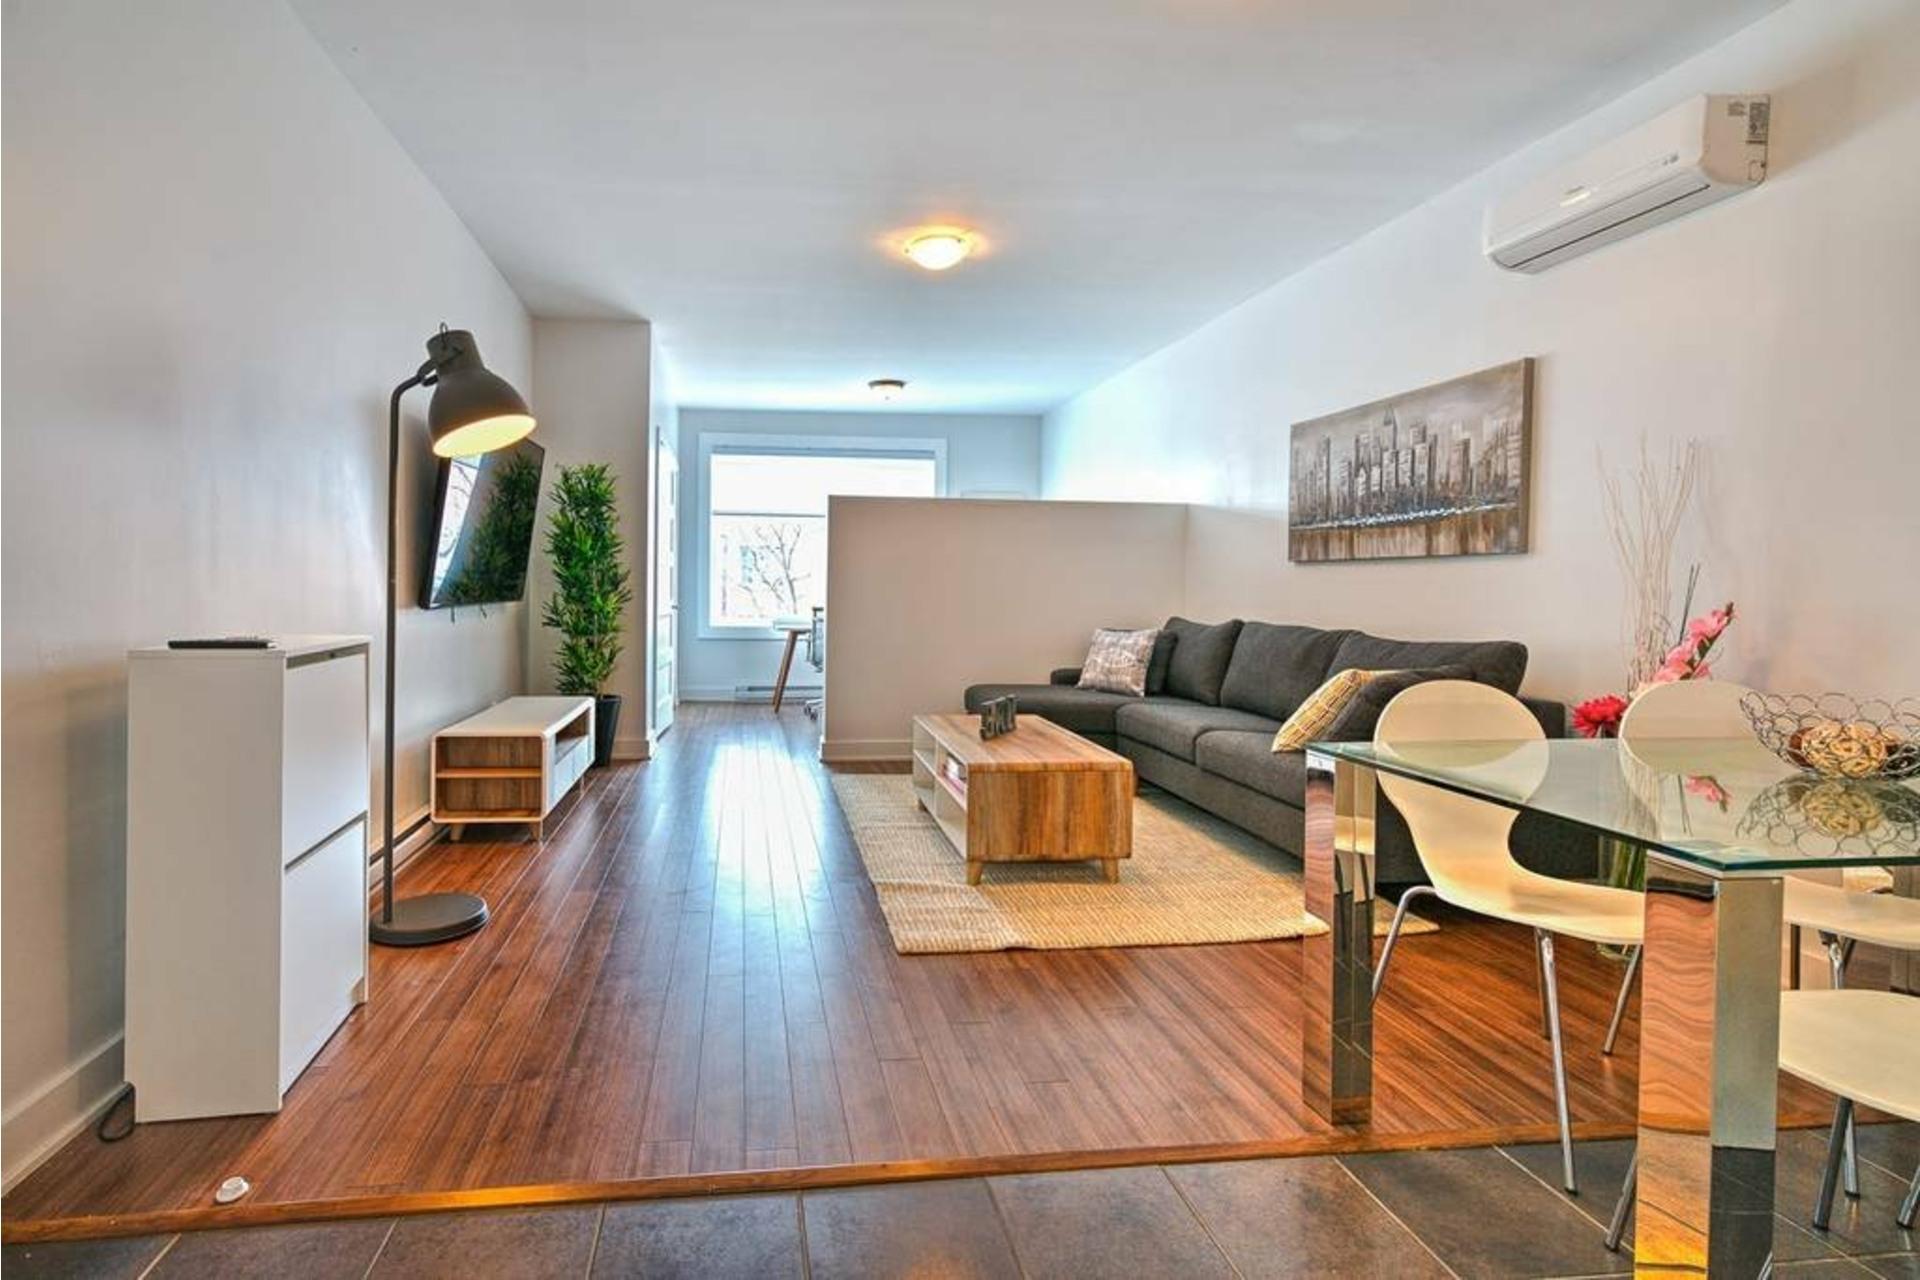 image 3 - Appartement À louer Côte-des-Neiges/Notre-Dame-de-Grâce Montréal  - 4 pièces